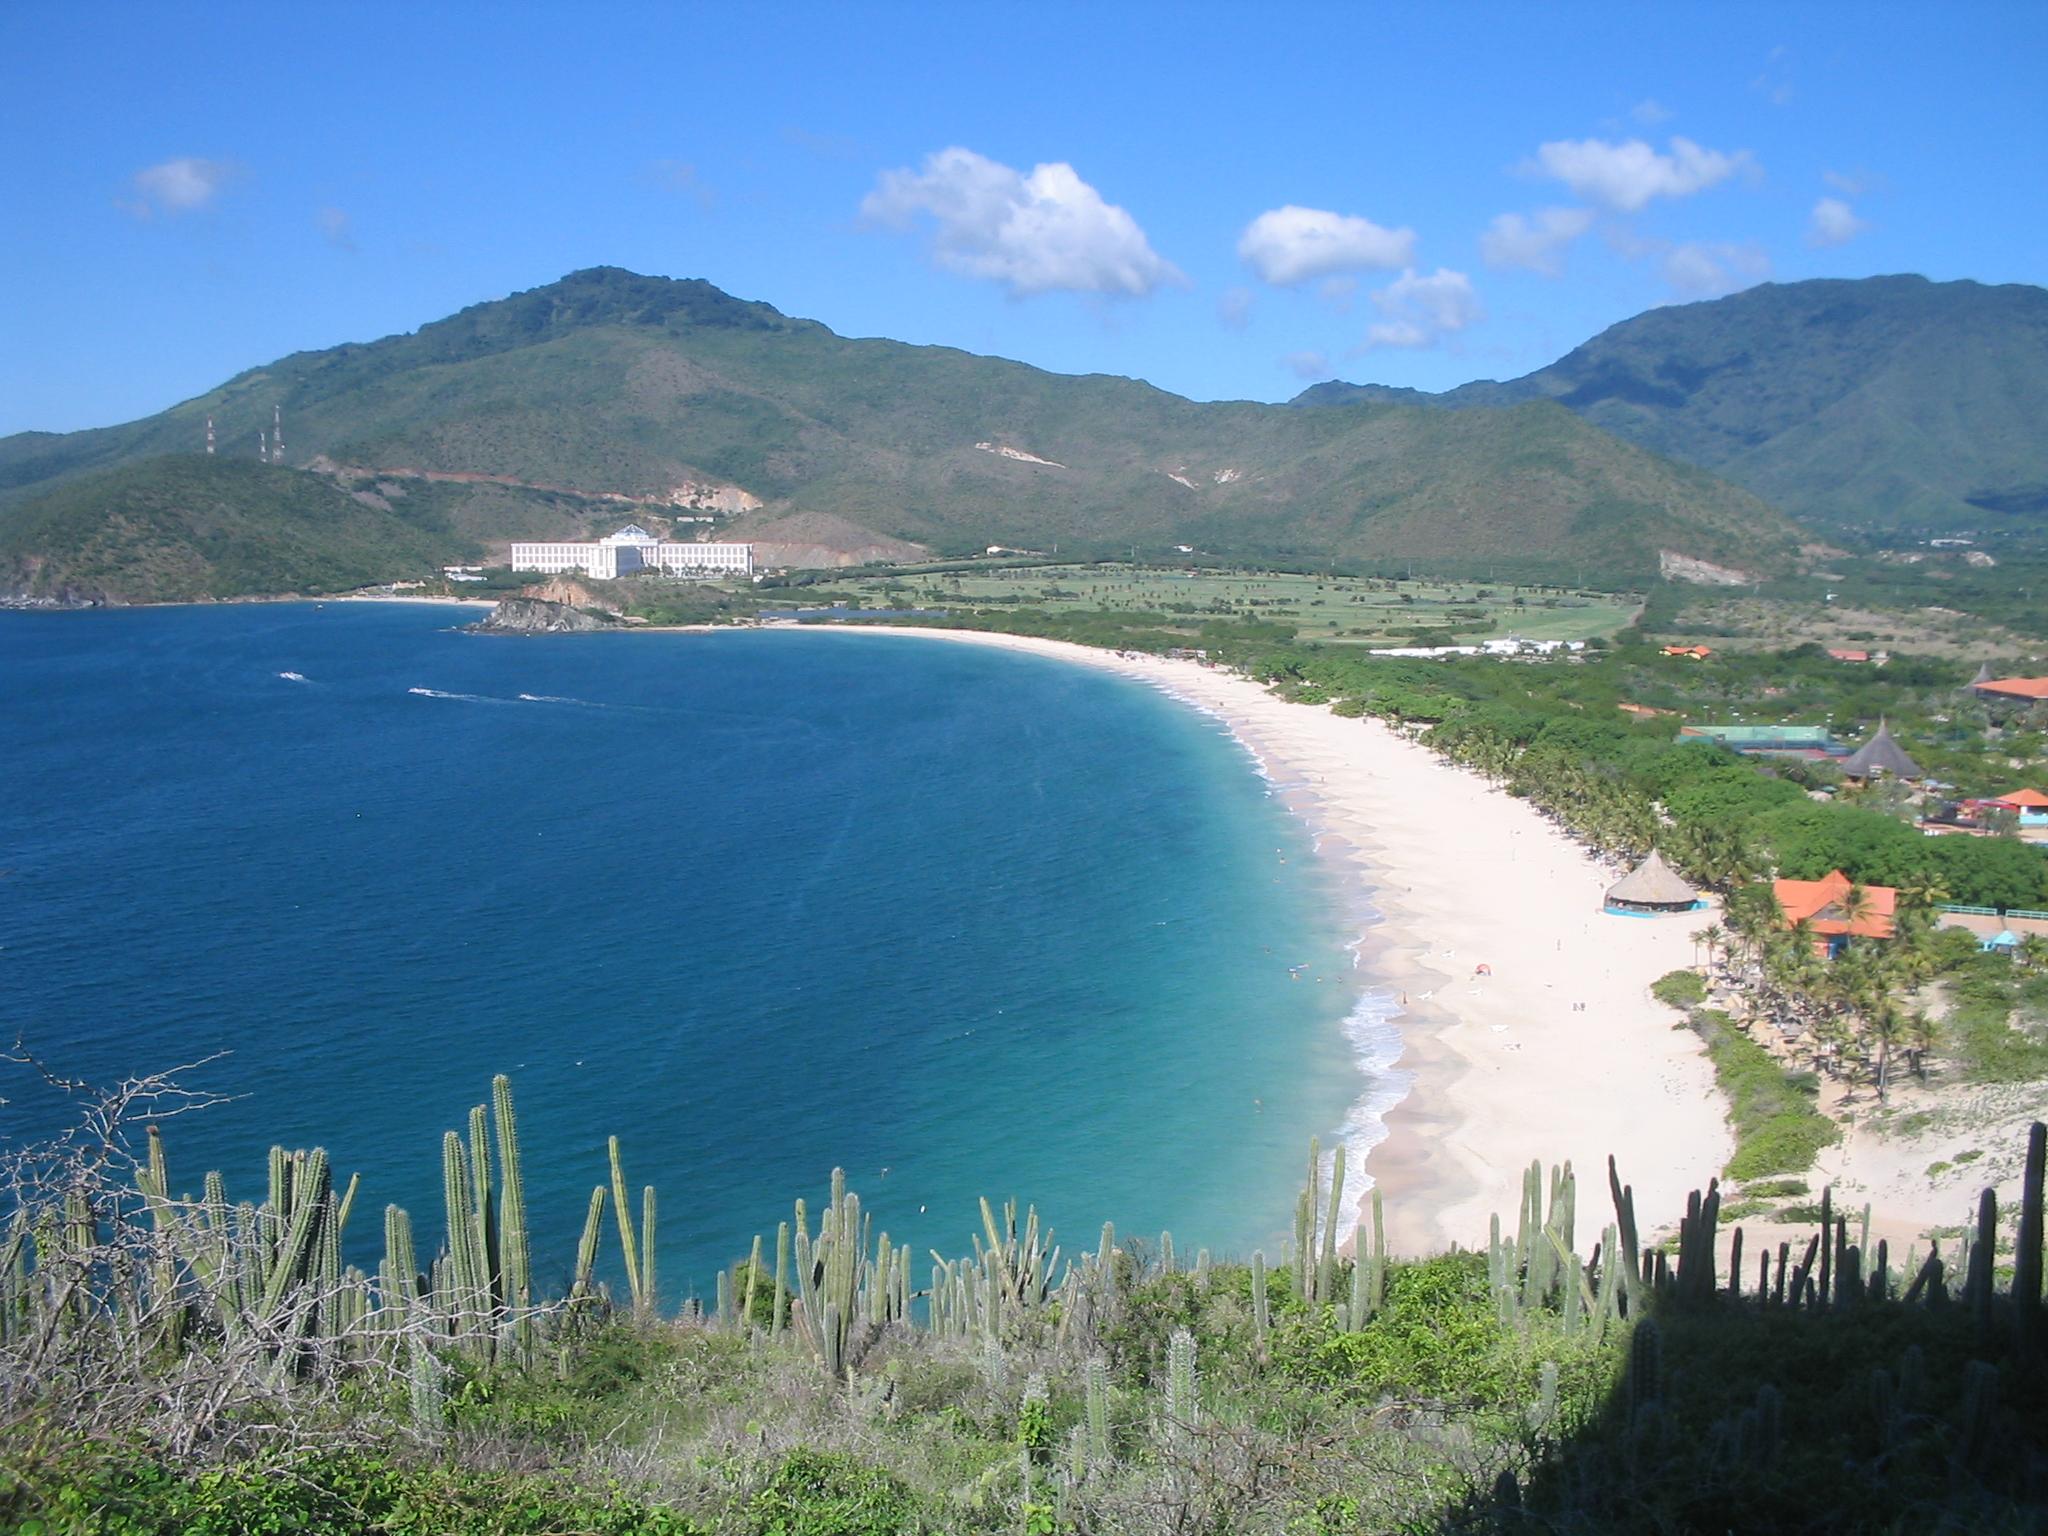 Isla de margarita, margarita venezuela, margarita, pictures of venezuela, margarita island, margarita venezuela